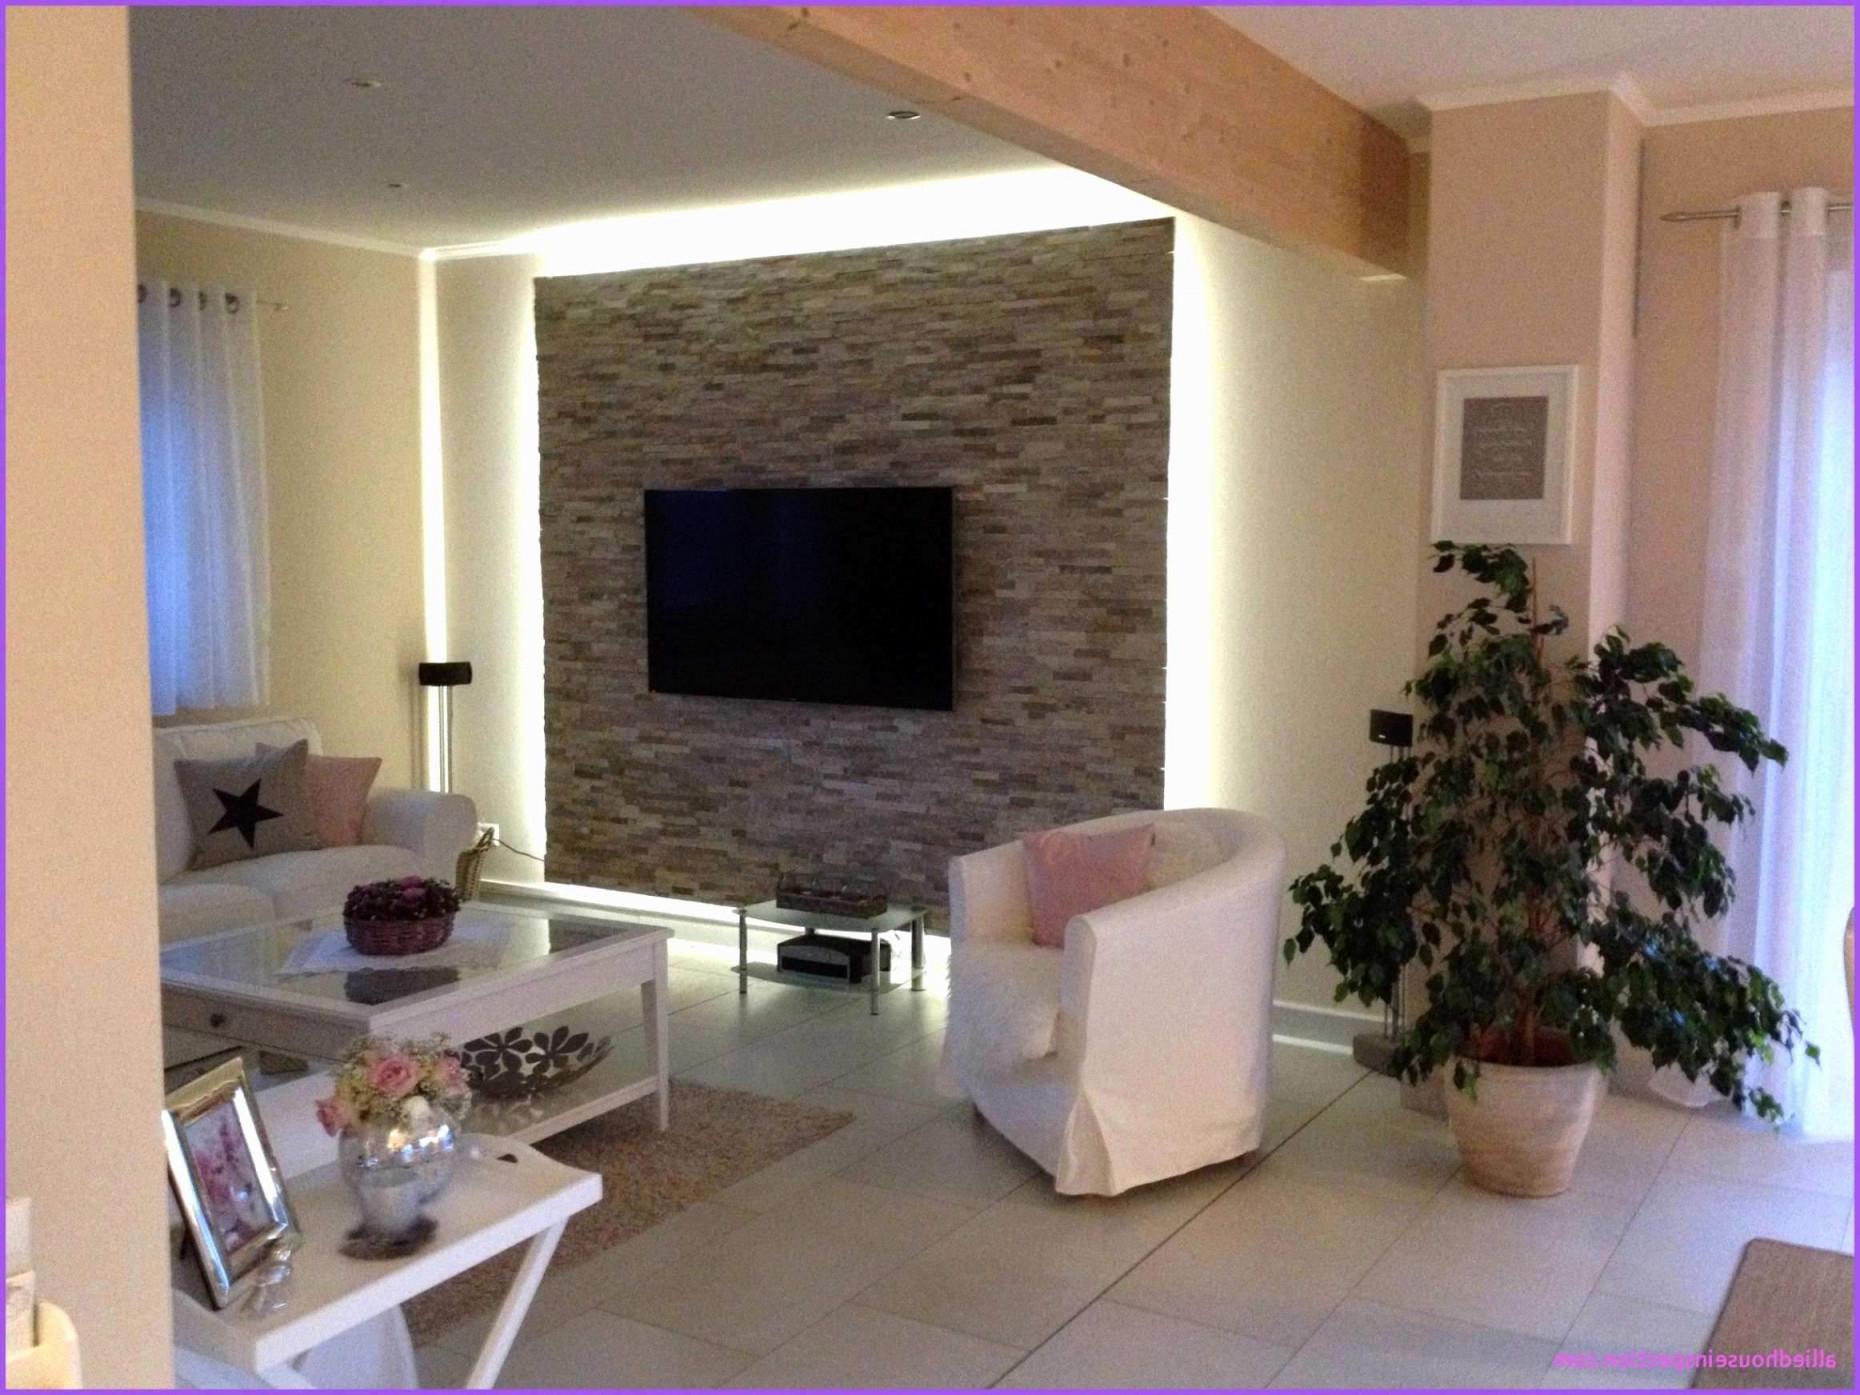 Großes Wohnzimmer Einrichten Einzigartig Wohnzimmer Modern von Großes Wohnzimmer Modern Einrichten Bild